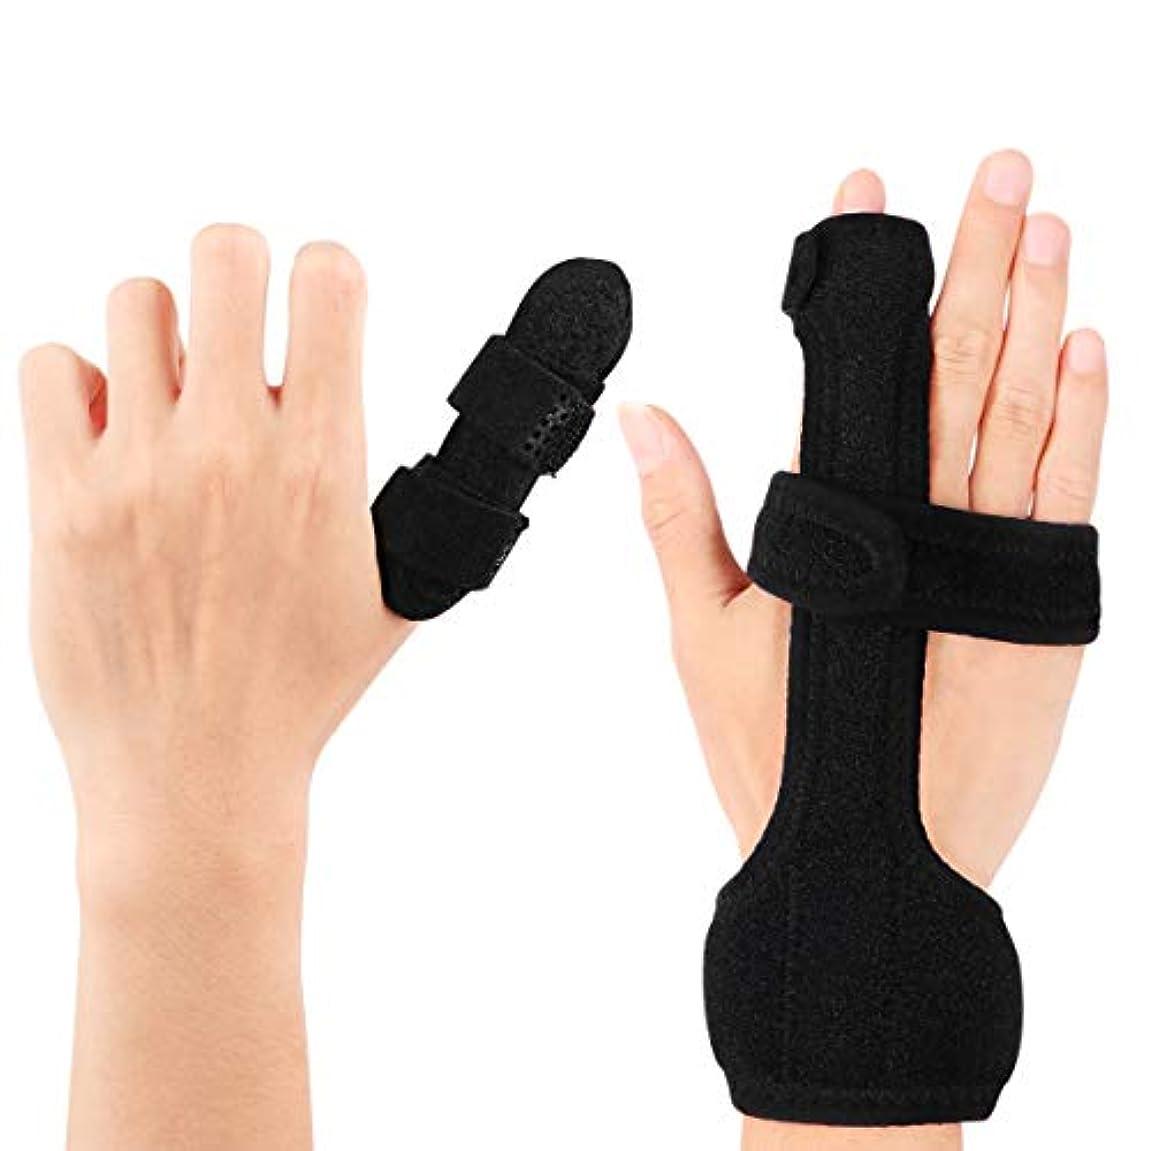 襲撃拾う誓うHealifty トリガーフィンガースプリントフィンガーブレースハンドスプリントフィンガーサポート、固定ベルトによる指の痛みを軽減します(黒)